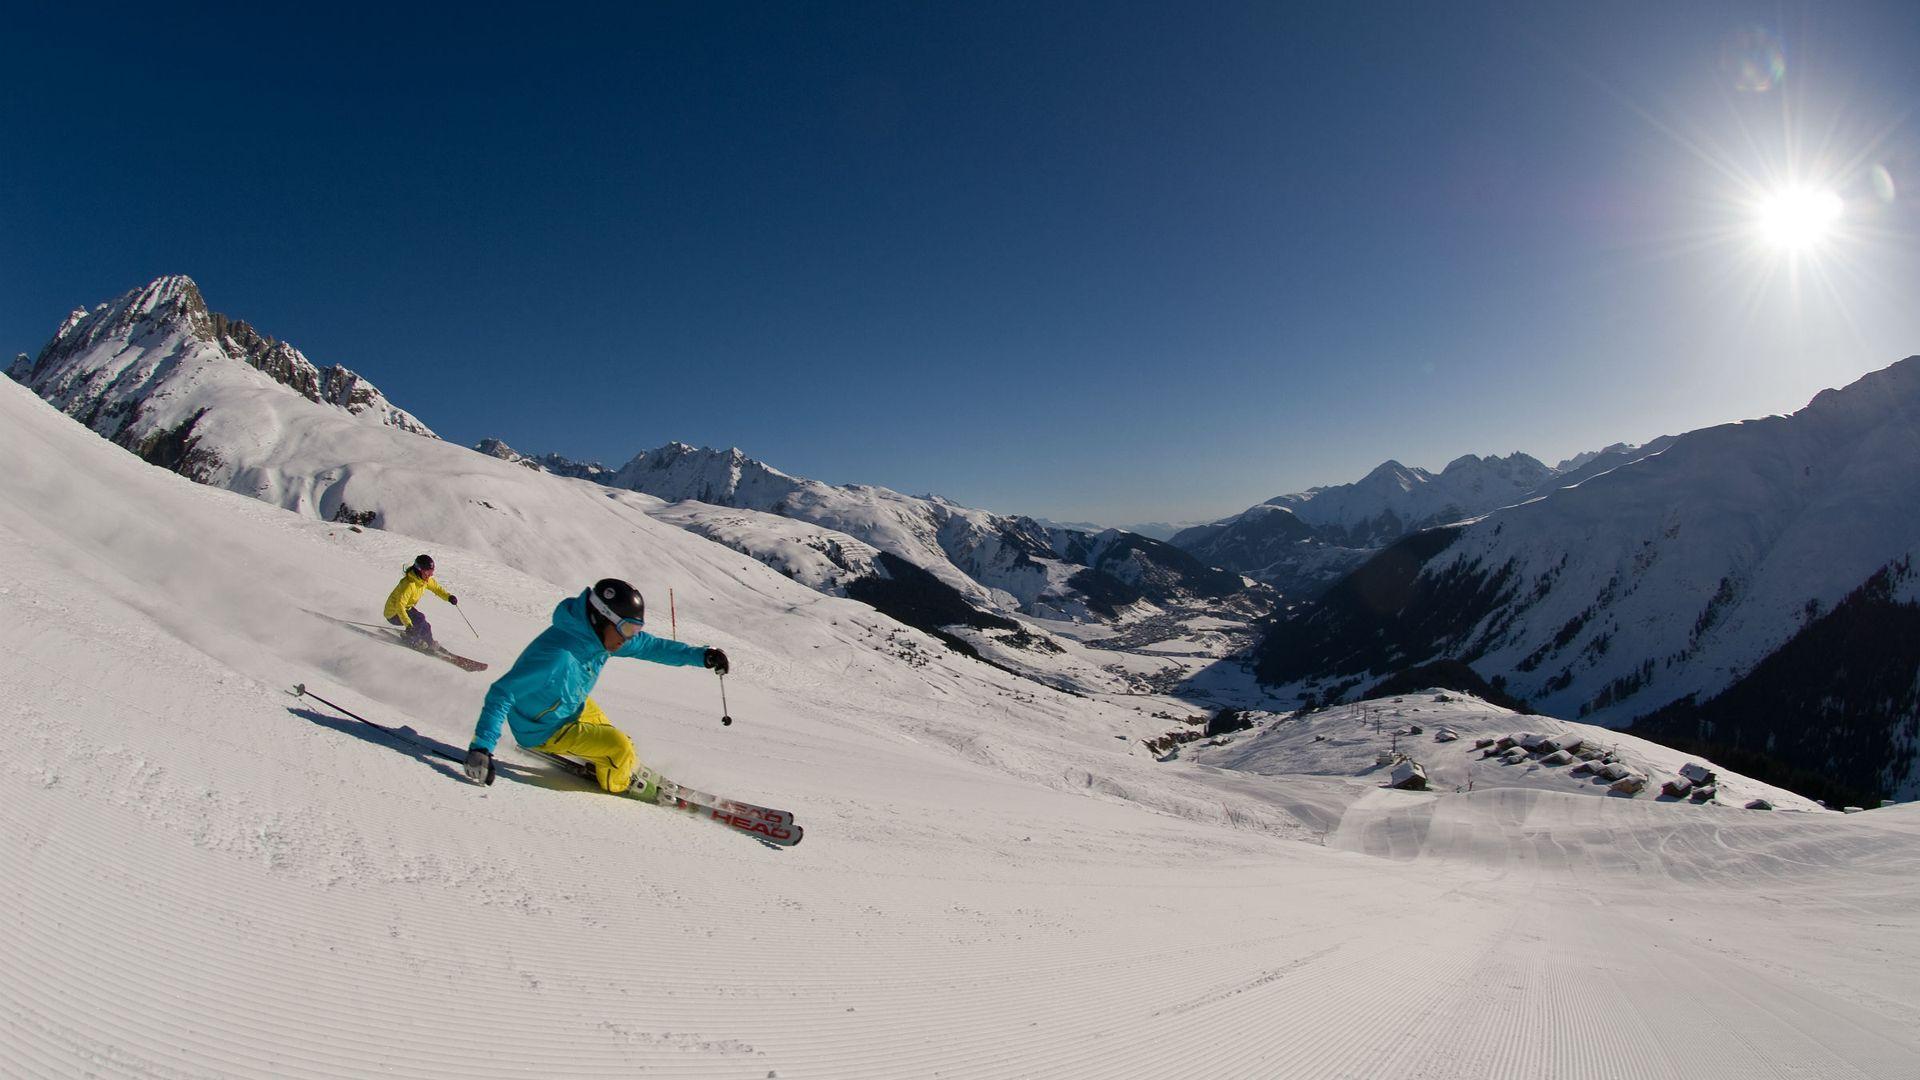 Skifahren-Disentis-Sedrun-Skifahren_29925a7100